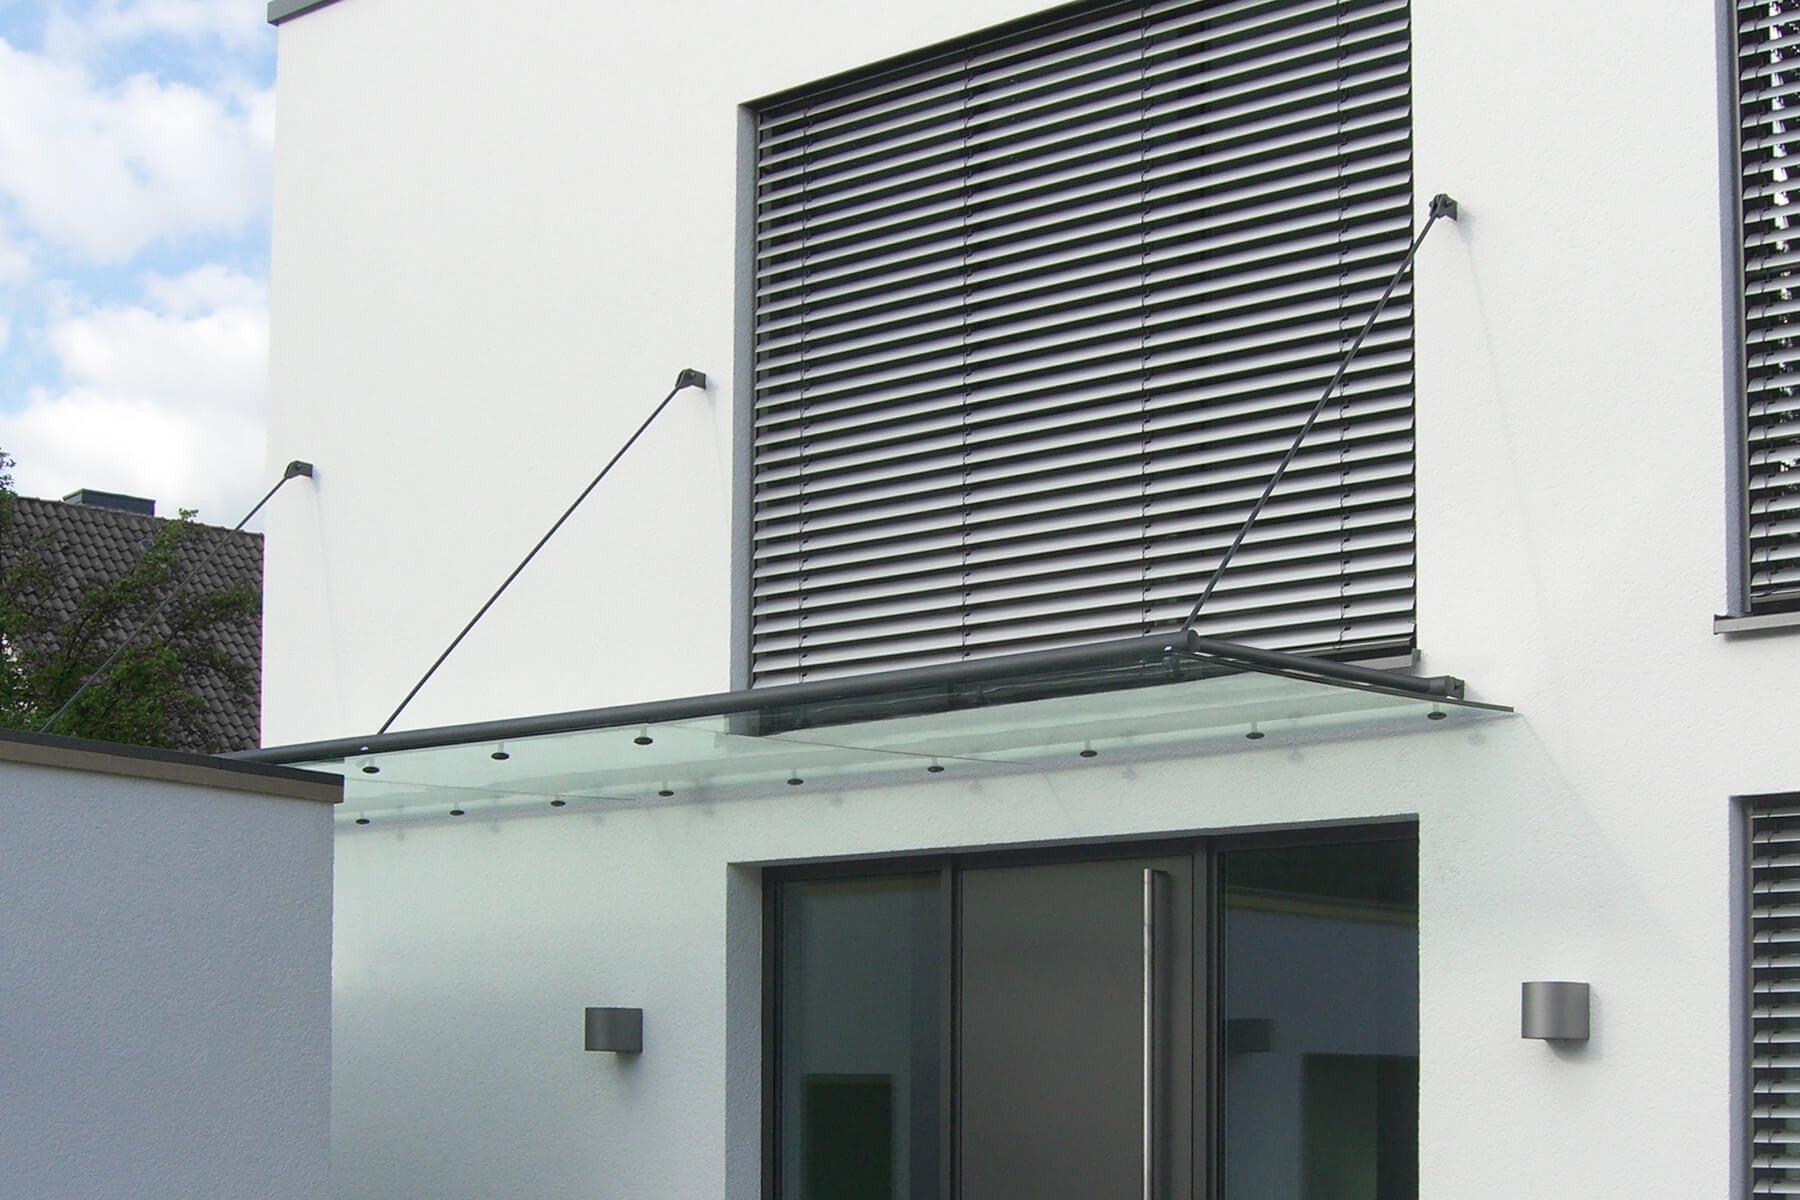 abgehängte-überdachung-mit-zughaltern-tubo